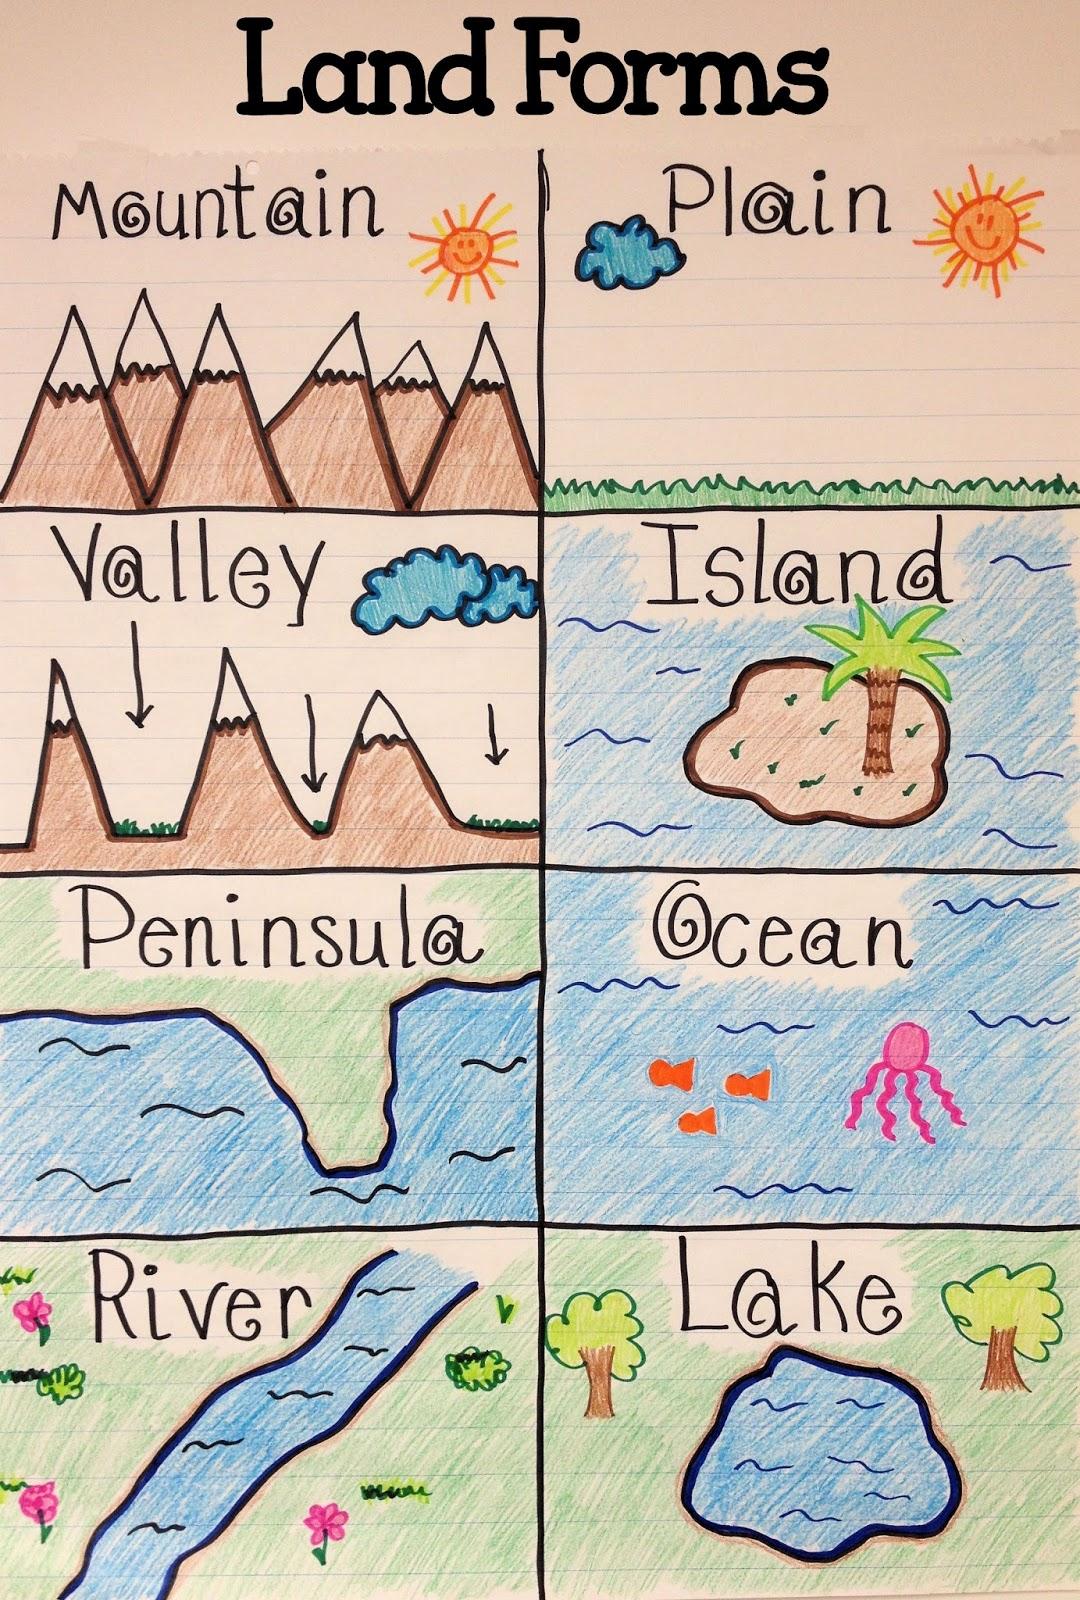 landforms.jpg 1,080u00d71,600 pixels : Social Studies : Pinterest